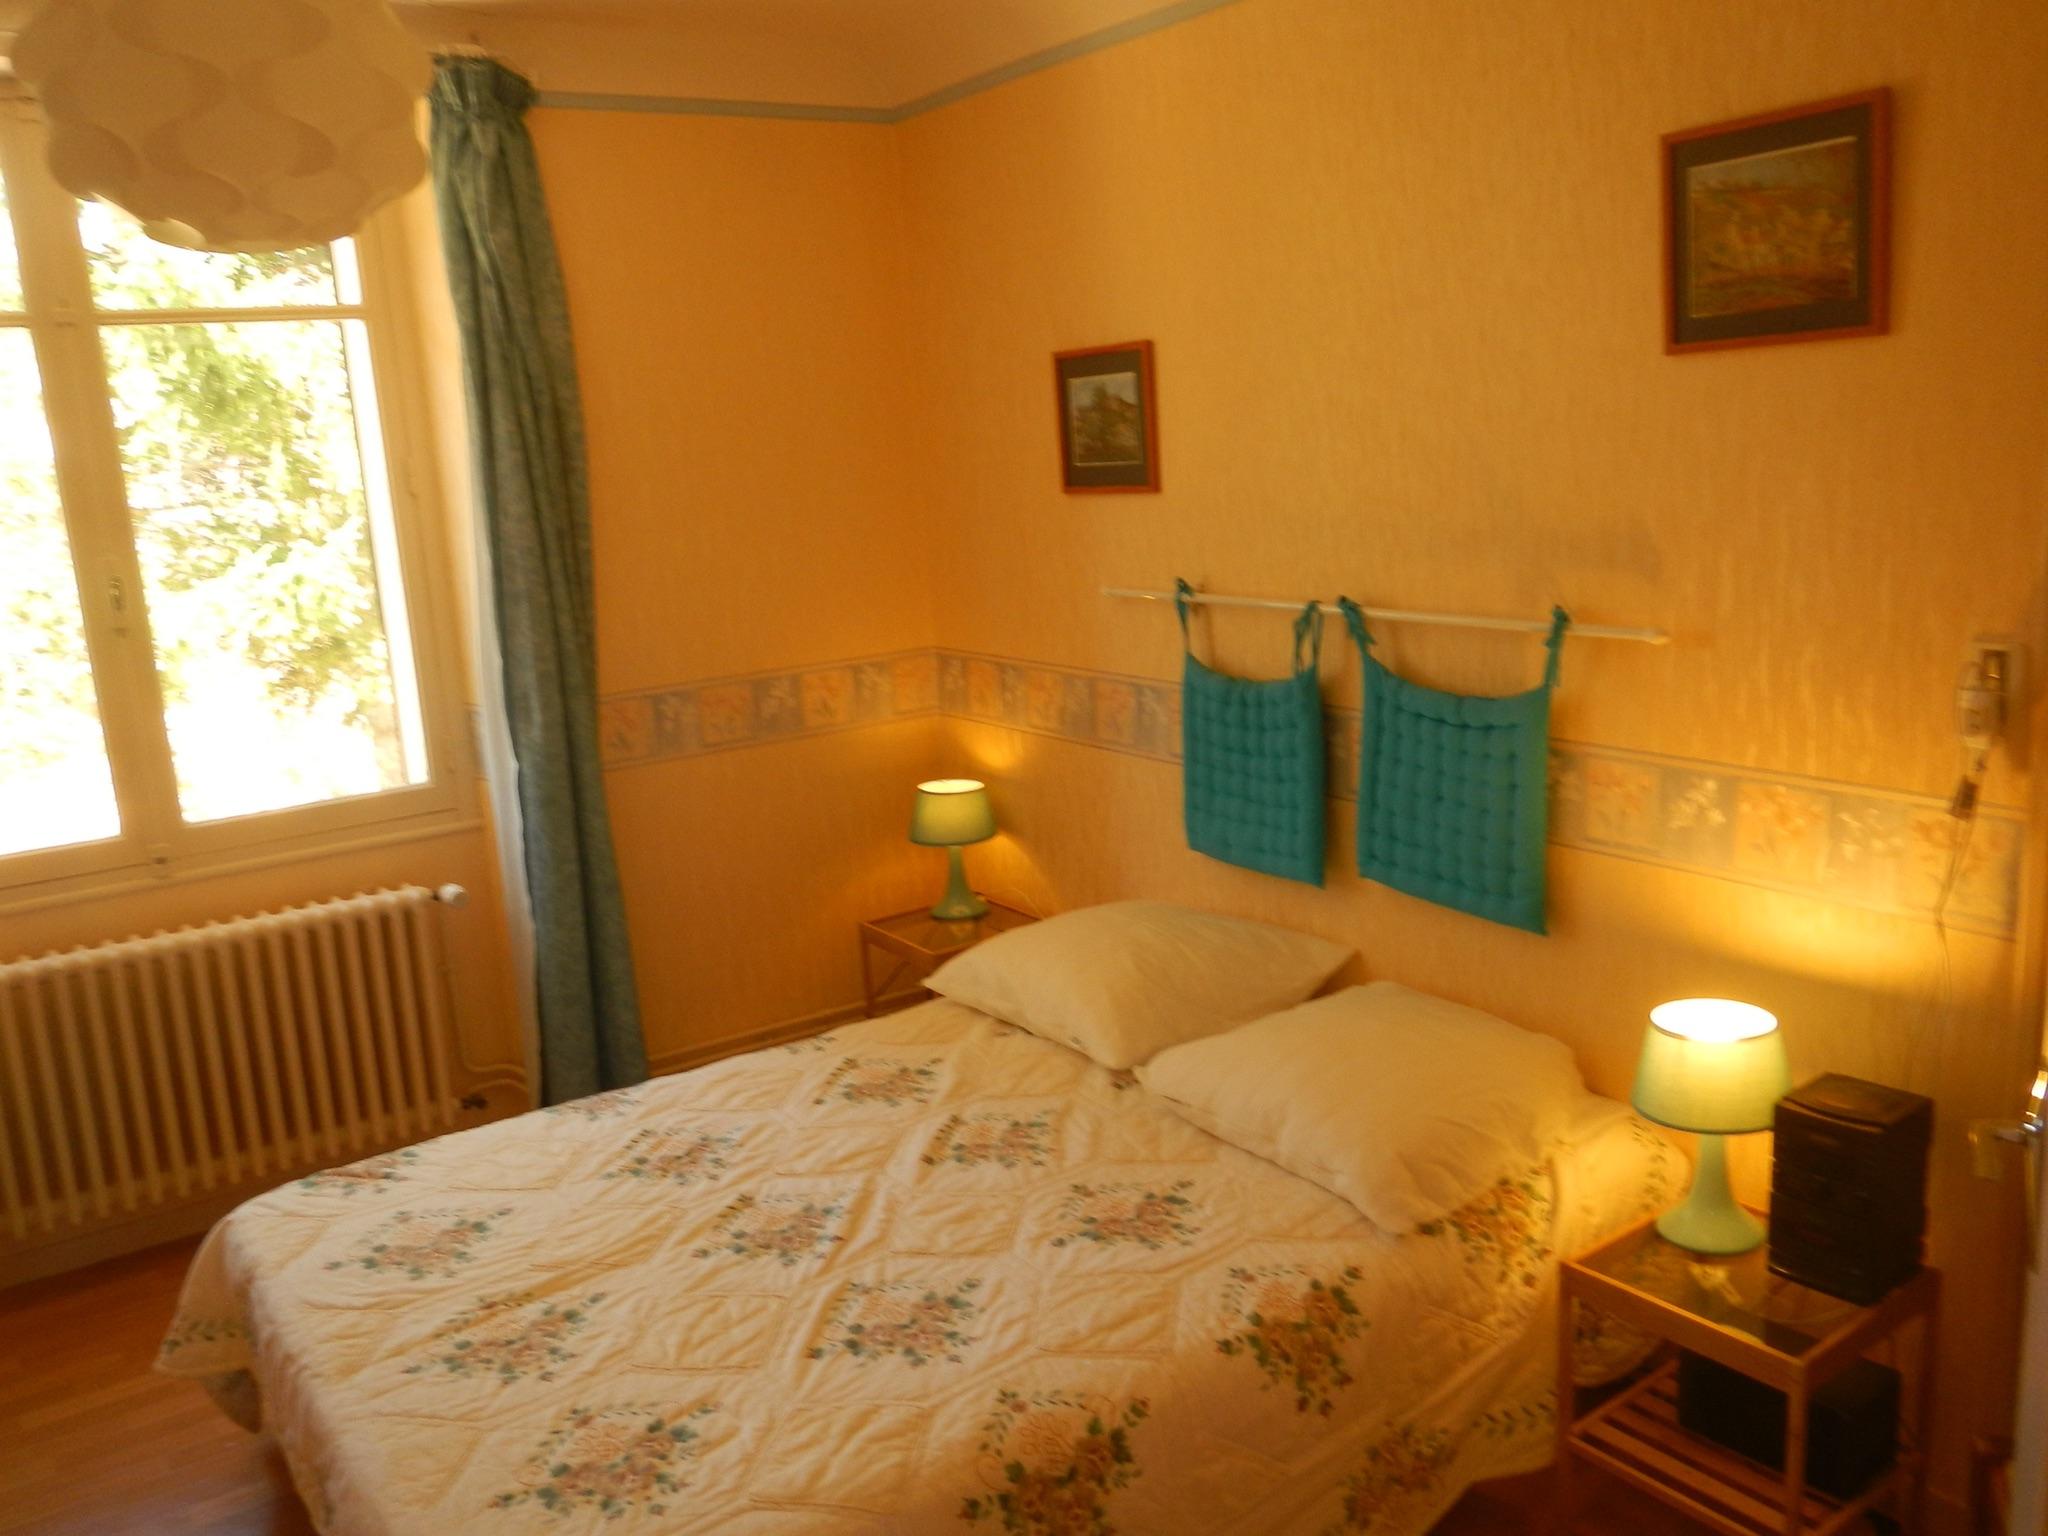 Ferienhaus Haus mit 6 Zimmern in Banassac mit toller Aussicht auf die Berge und eingezäuntem Garten - (2202056), Banassac, Lozère, Languedoc-Roussillon, Frankreich, Bild 10